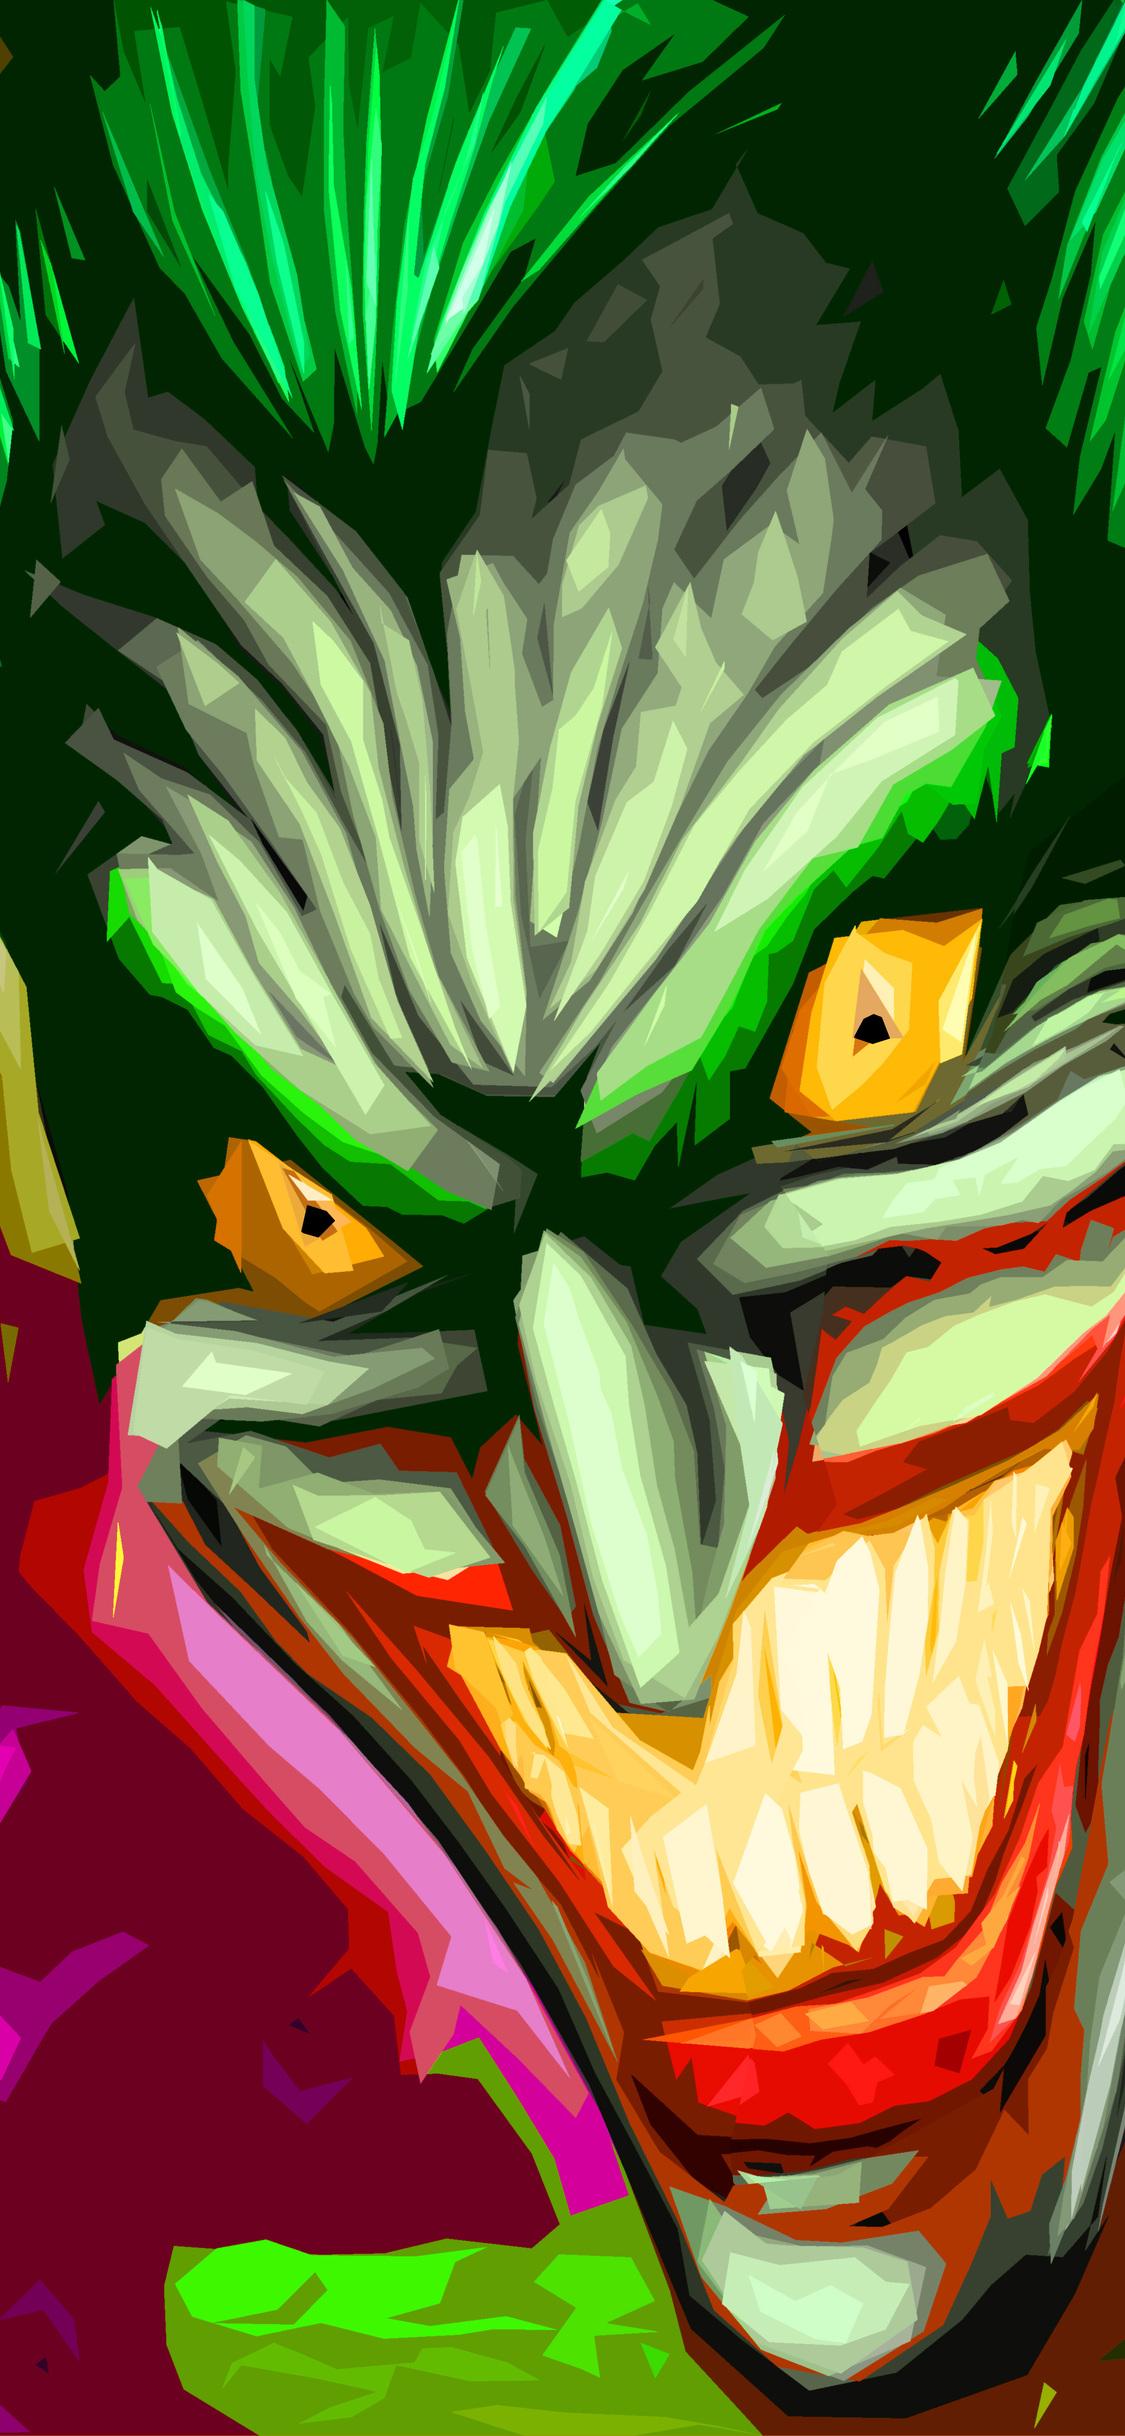 1125x2436 Joker Art 4k Iphone Xsiphone 10iphone X Hd 4k Wallpapers